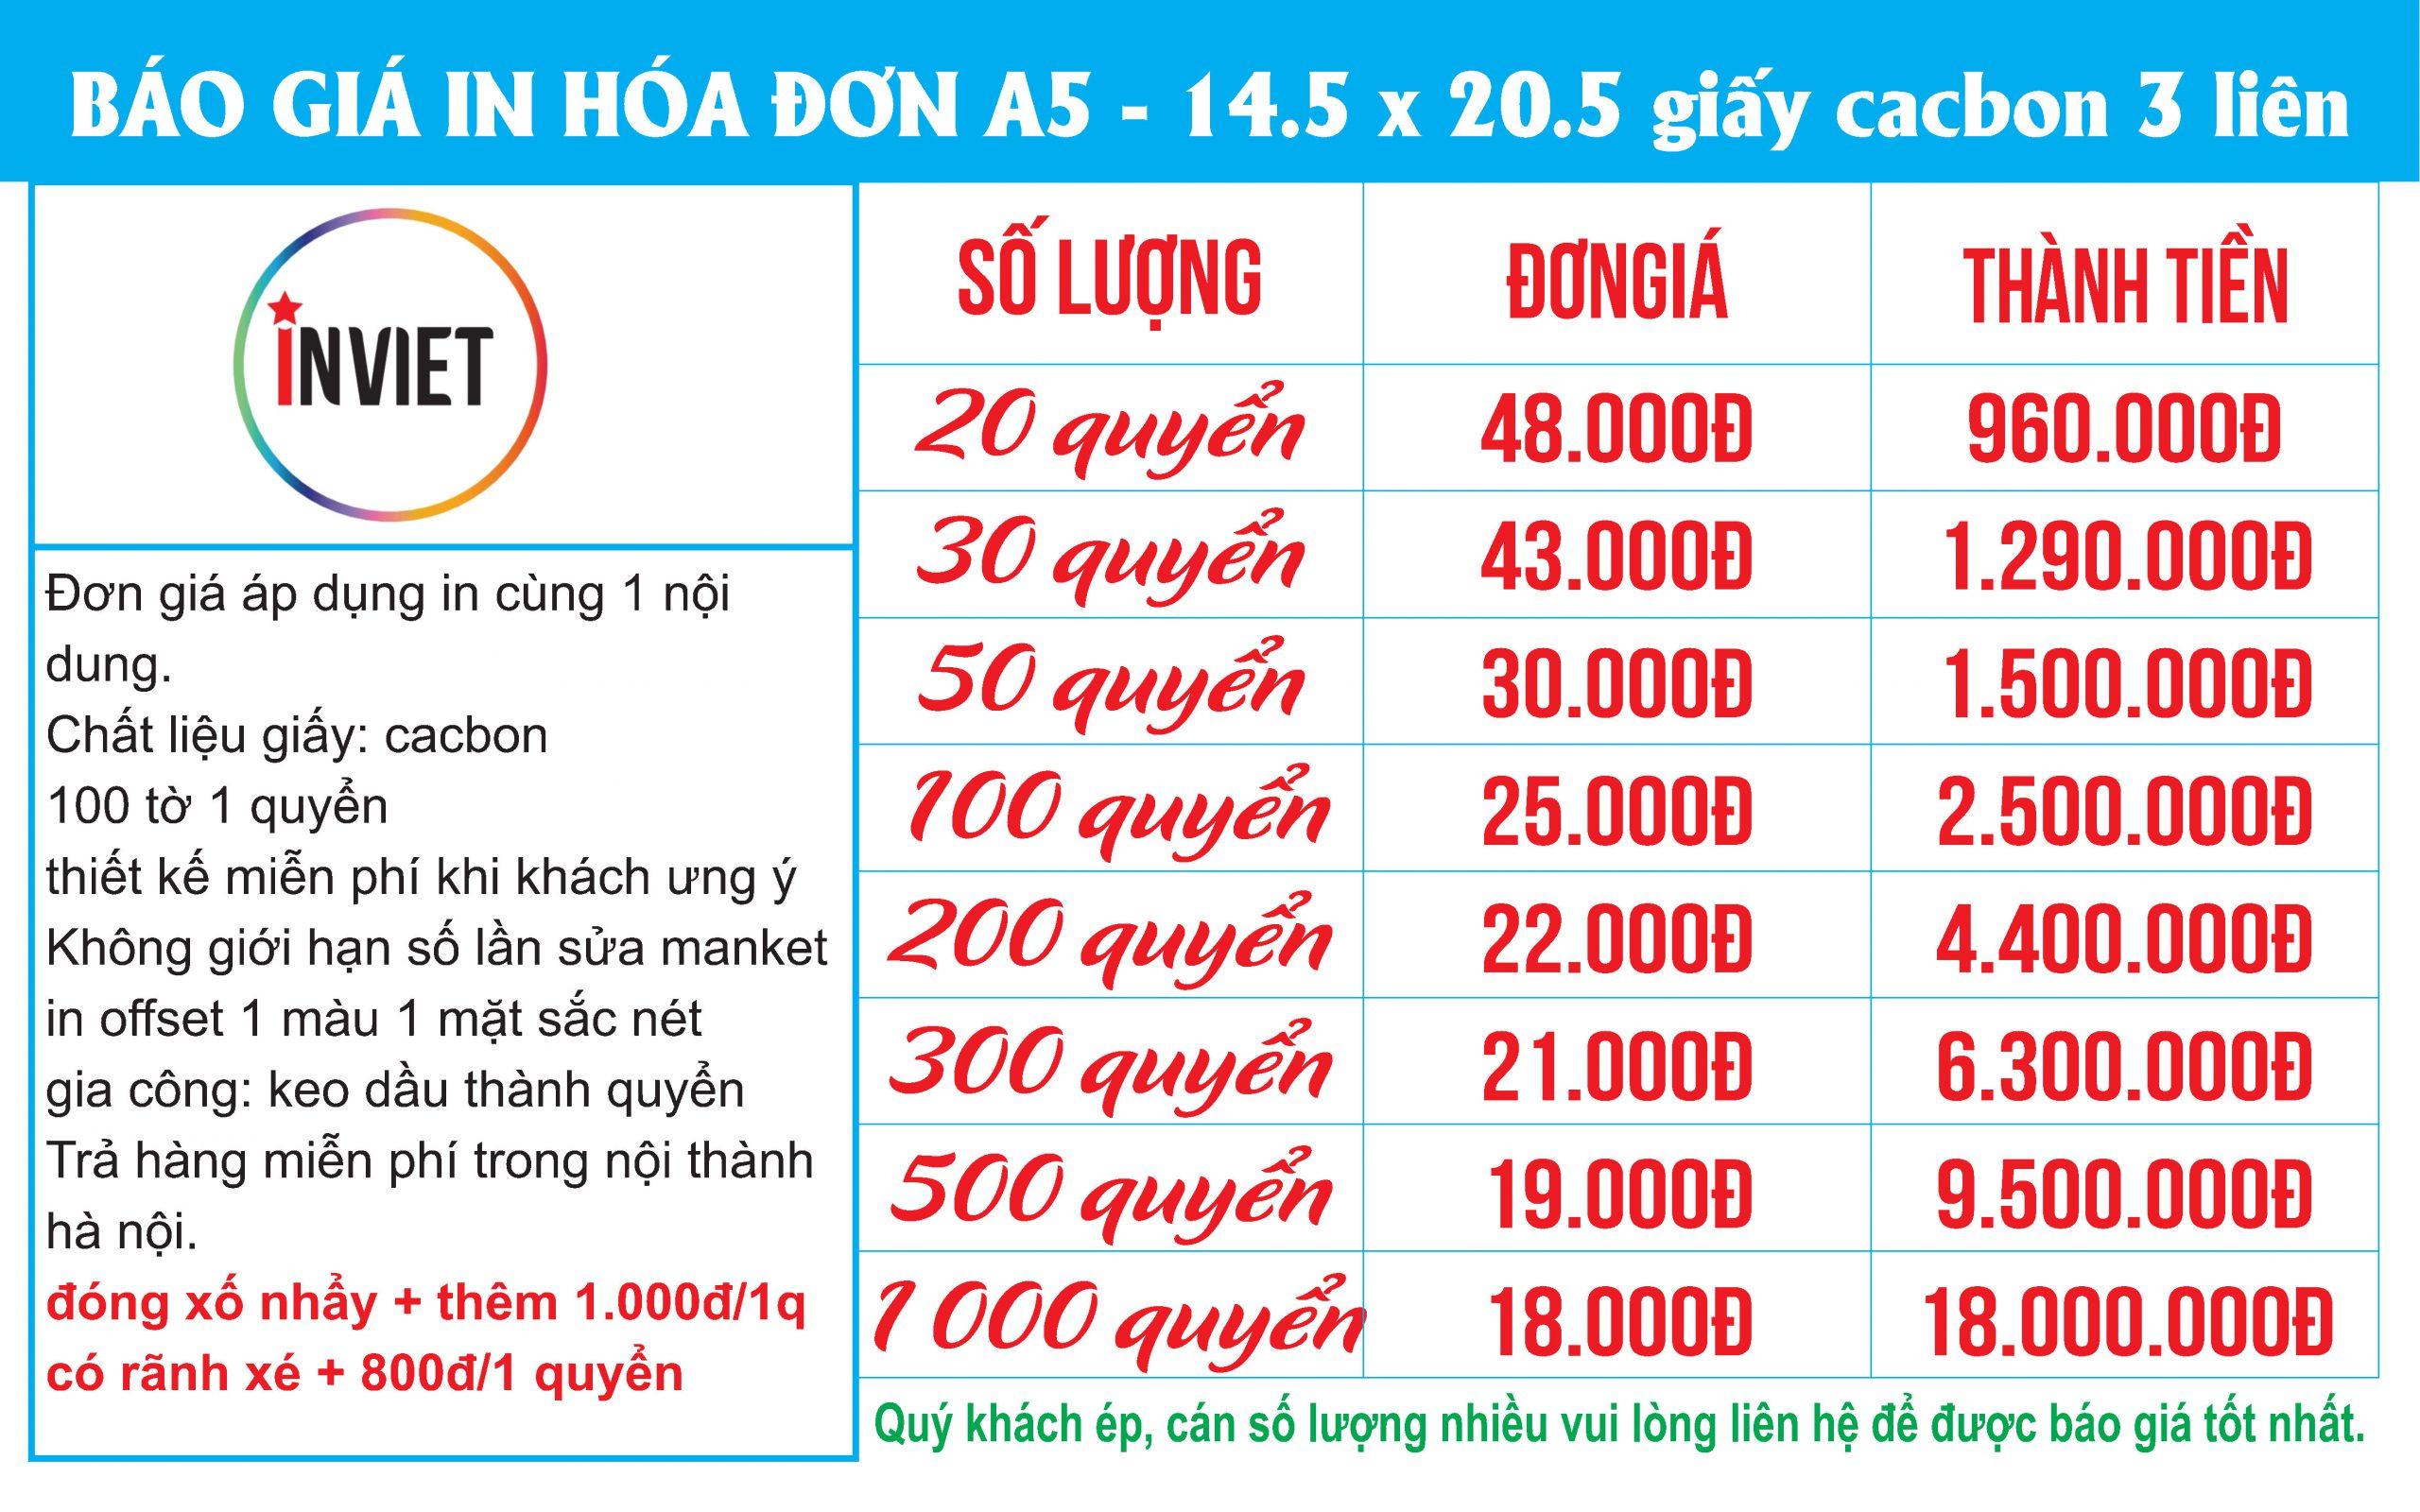 in hóa đơn A5 3 liên giá rẻ nhất tại hà nội